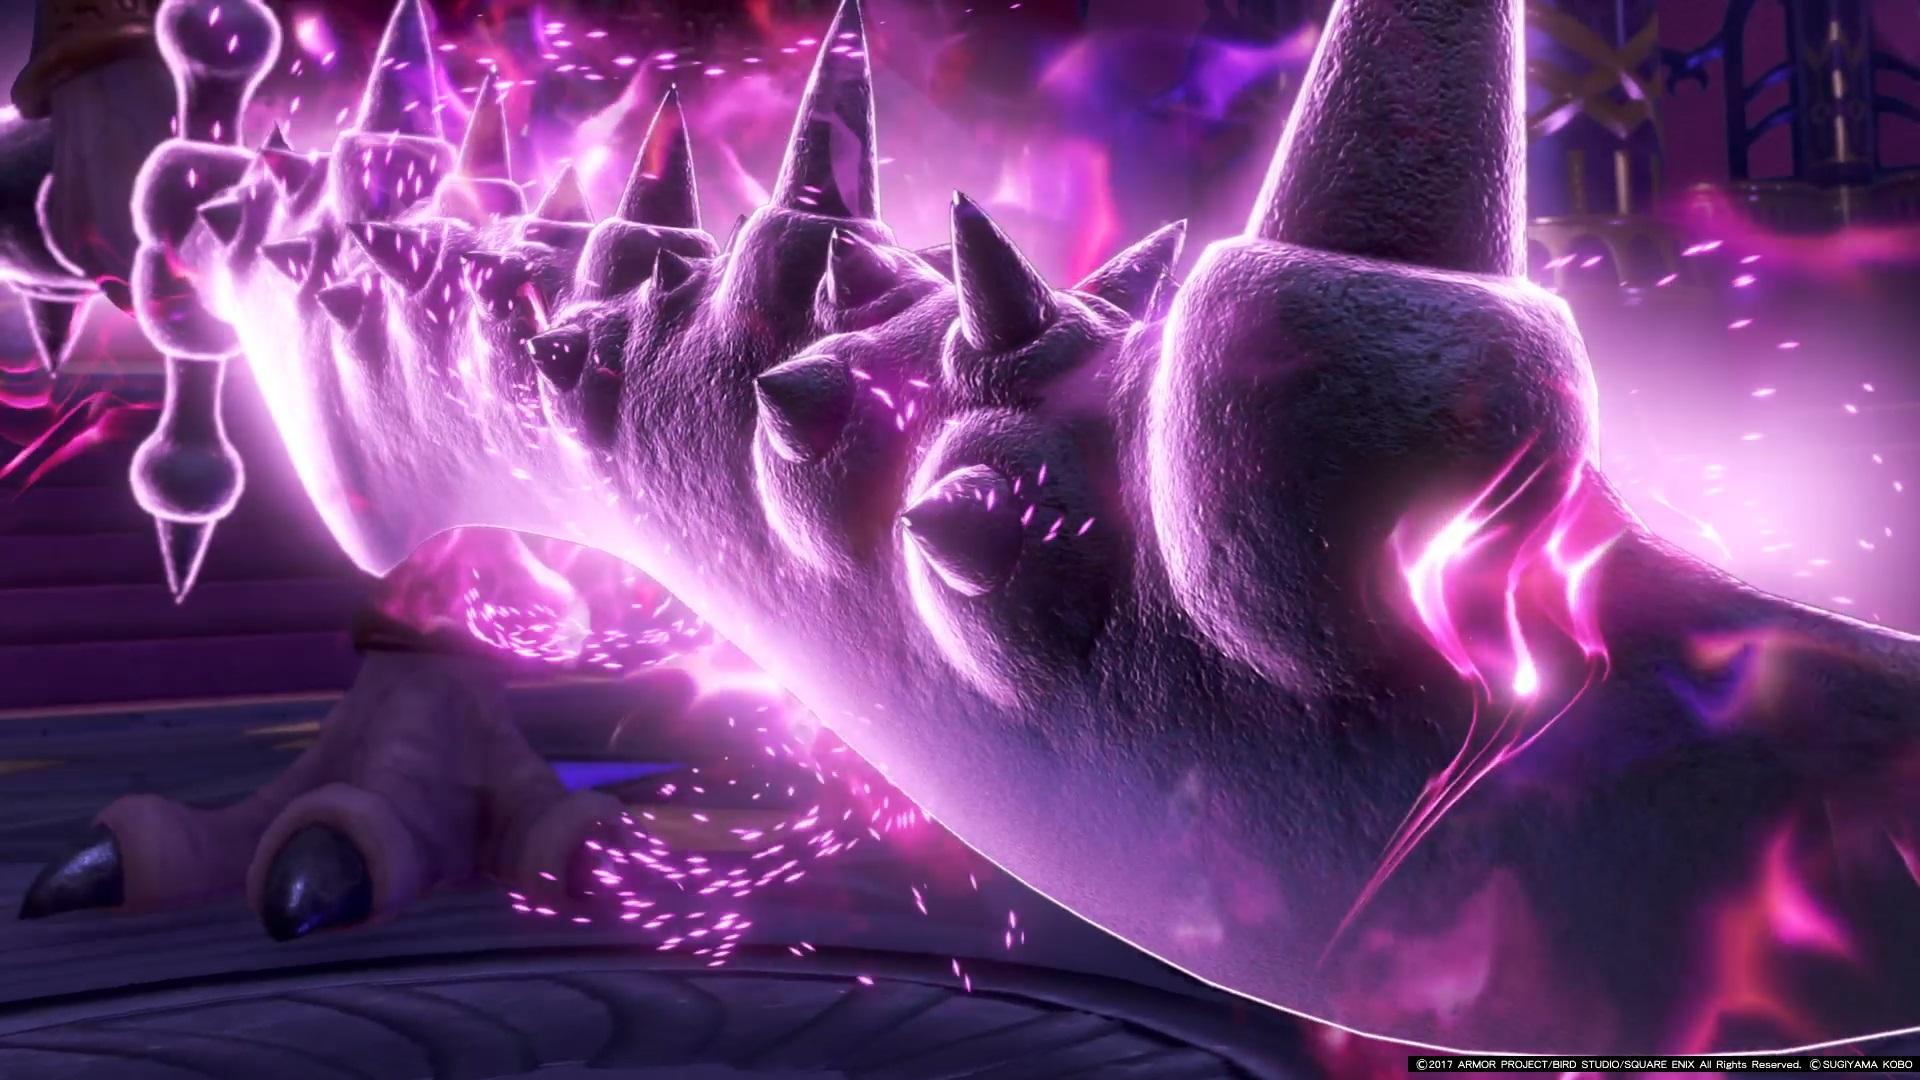 ドラクエ11 攻略日誌45 天空魔城 4階 ホメロス ウルノーガ エンディング ゲーム考察